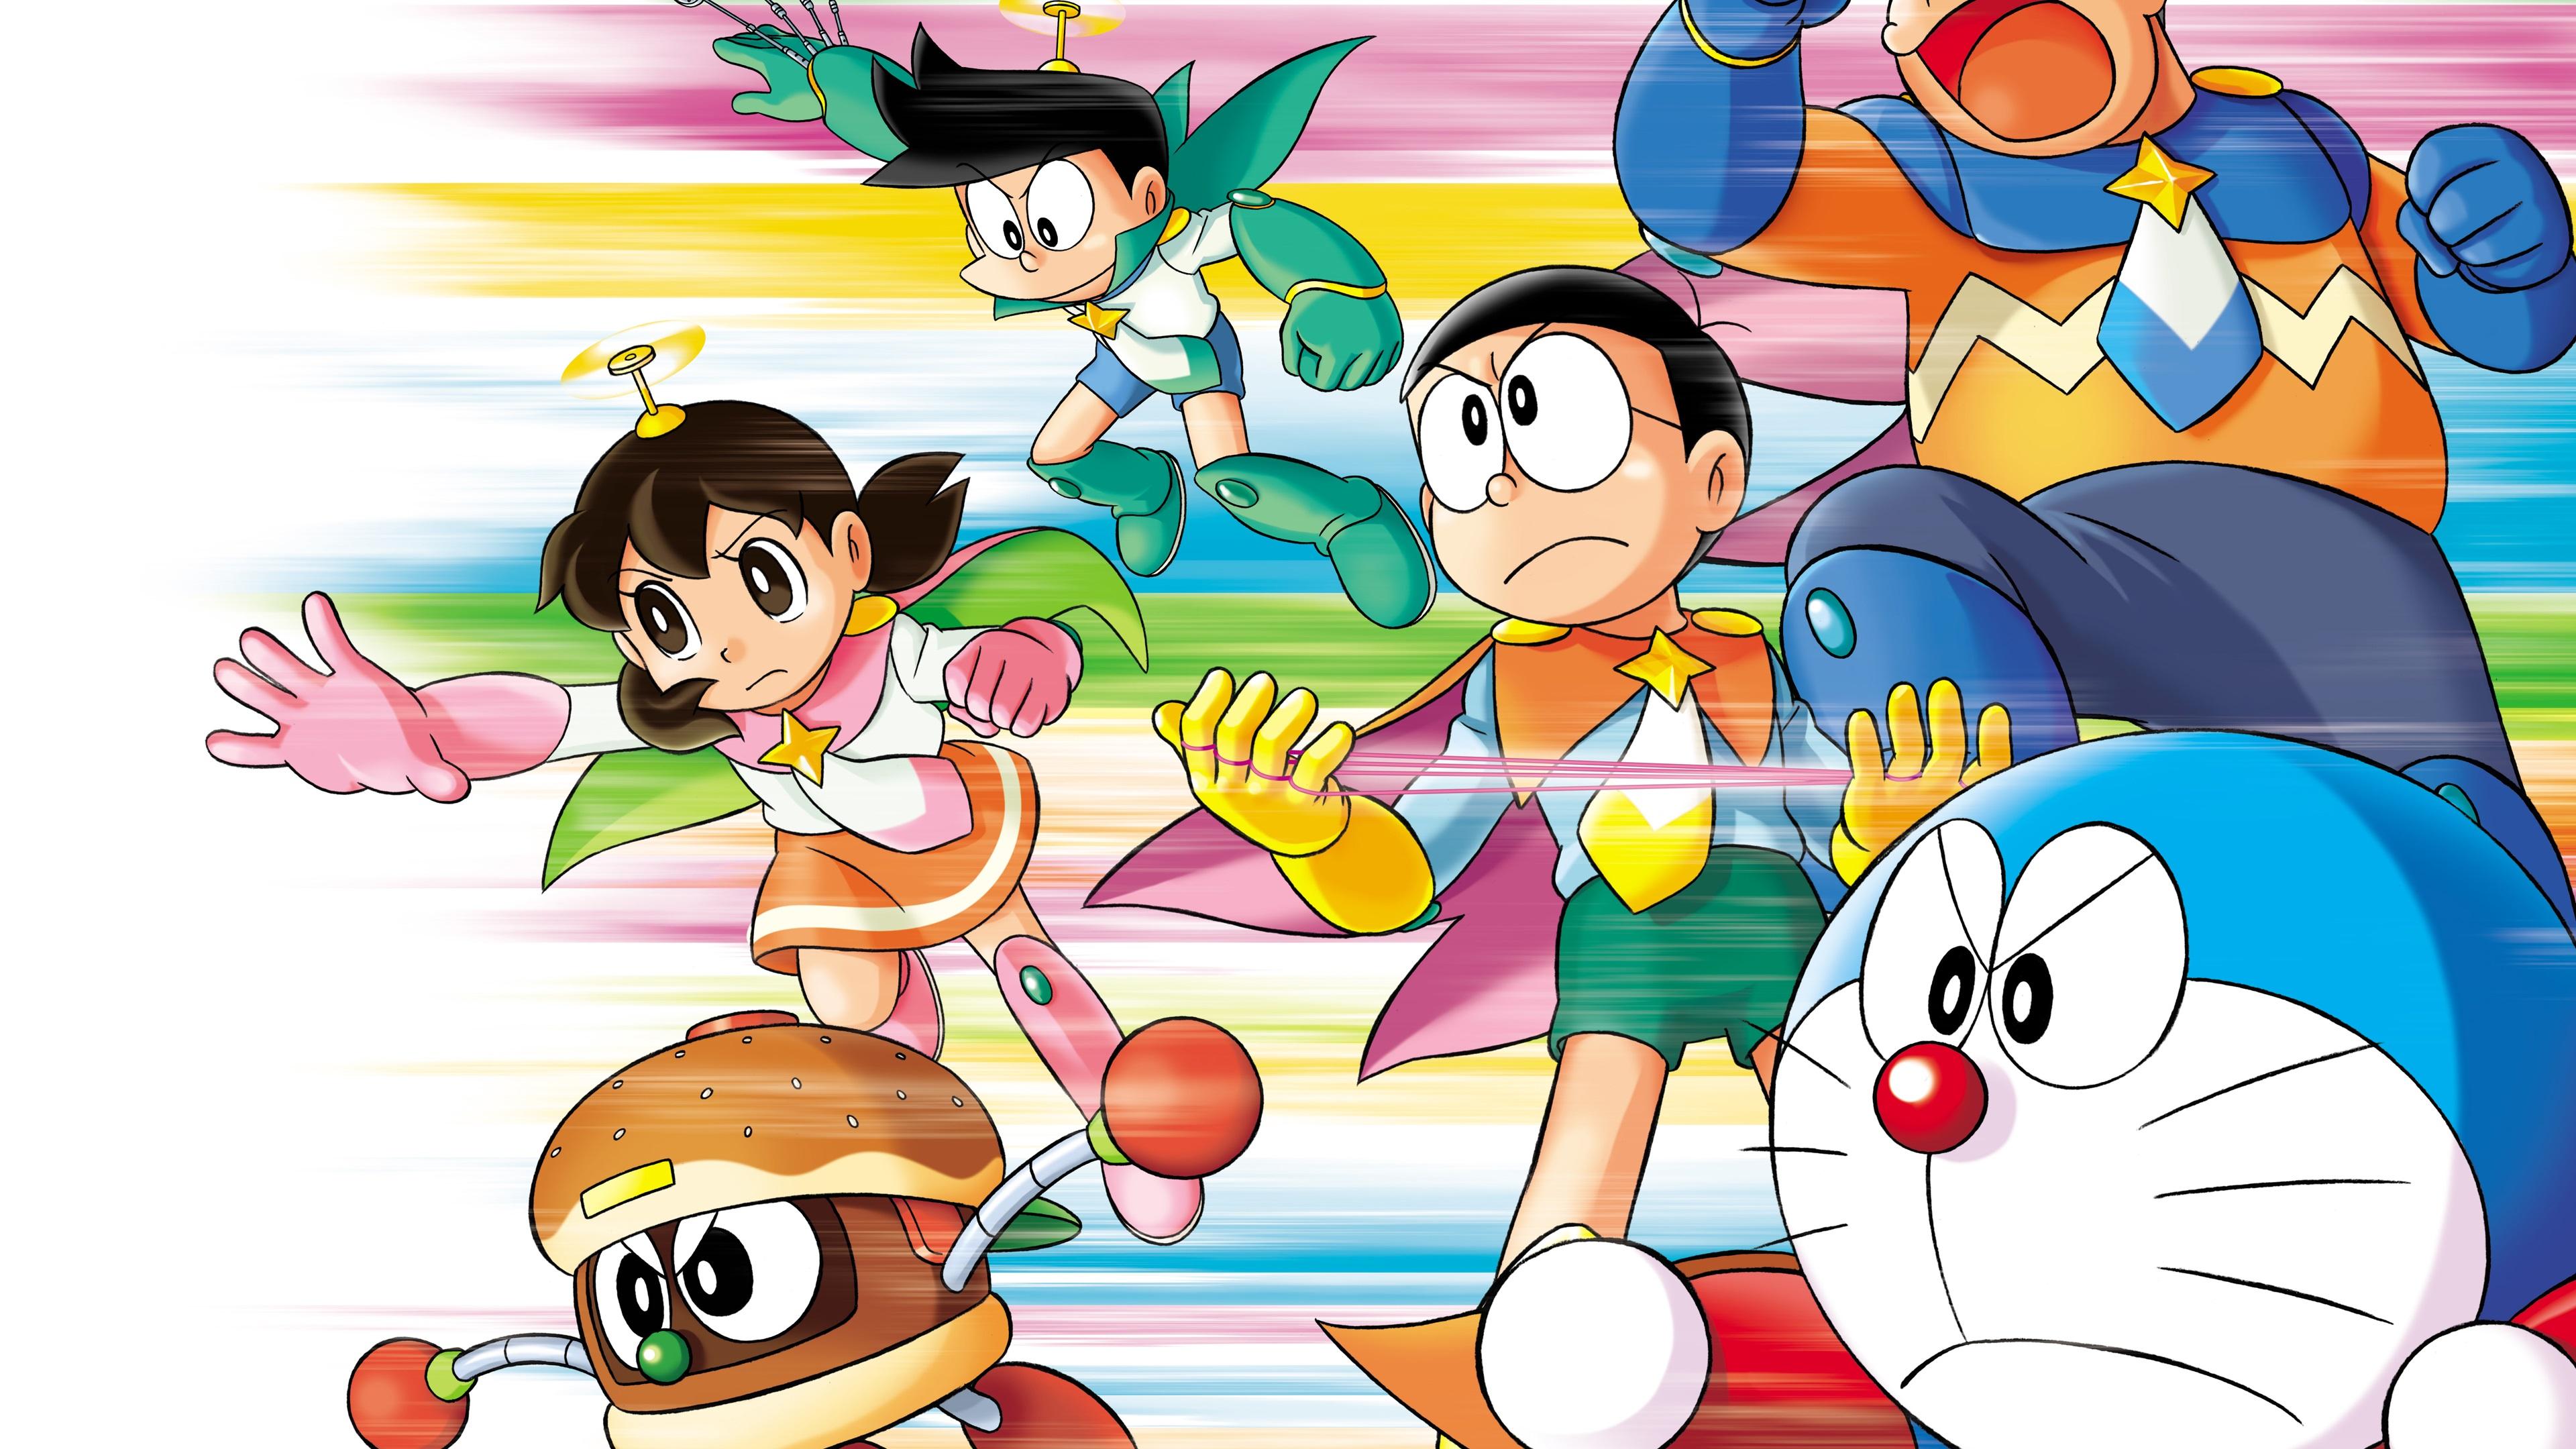 Wallpaper Japanese anime, Doraemon 3840x2160 UHD 4K ...